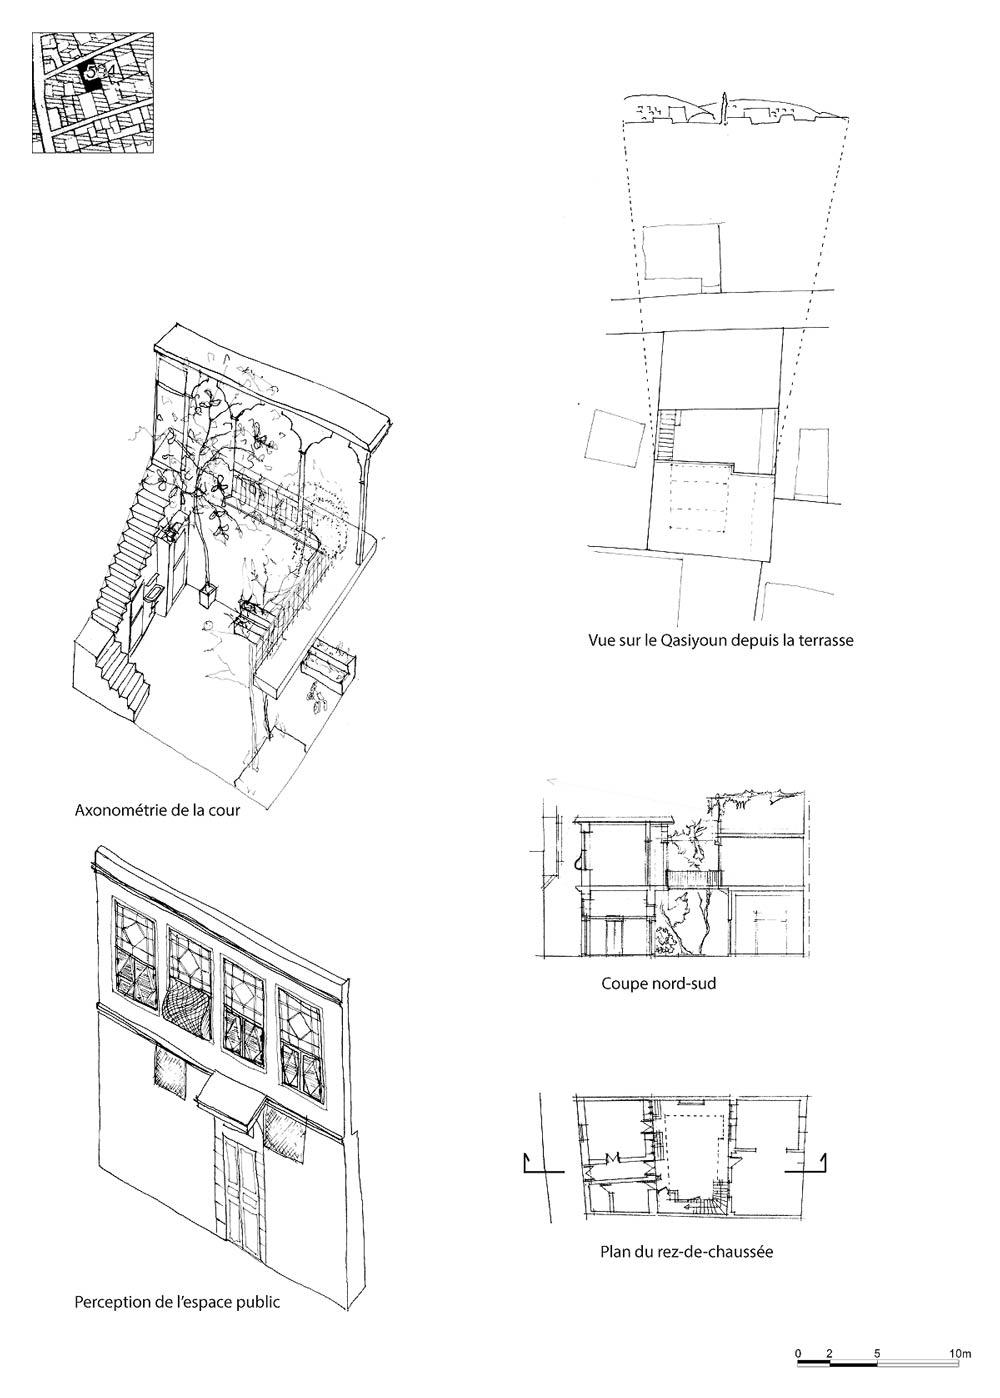 Les faubourgs de damas maisons de salihiyya presses de for Architecture maison traditionnelle libanaise